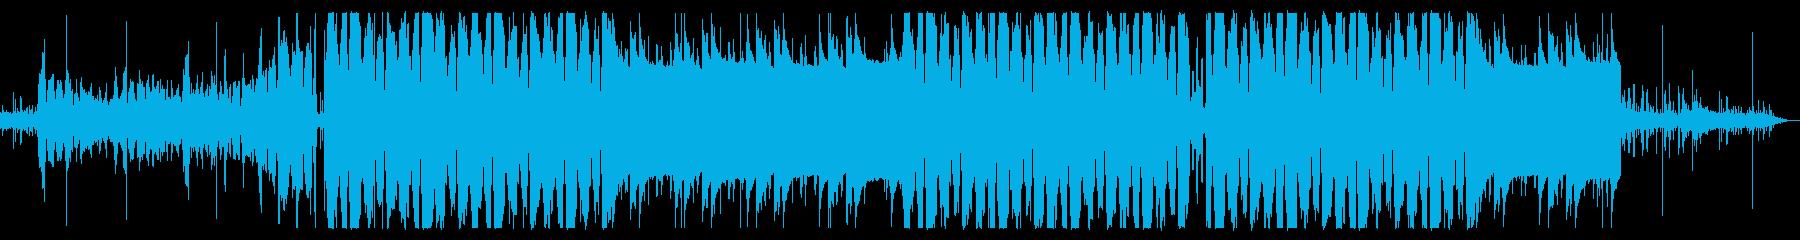 企業VP いやし・チル 63の再生済みの波形